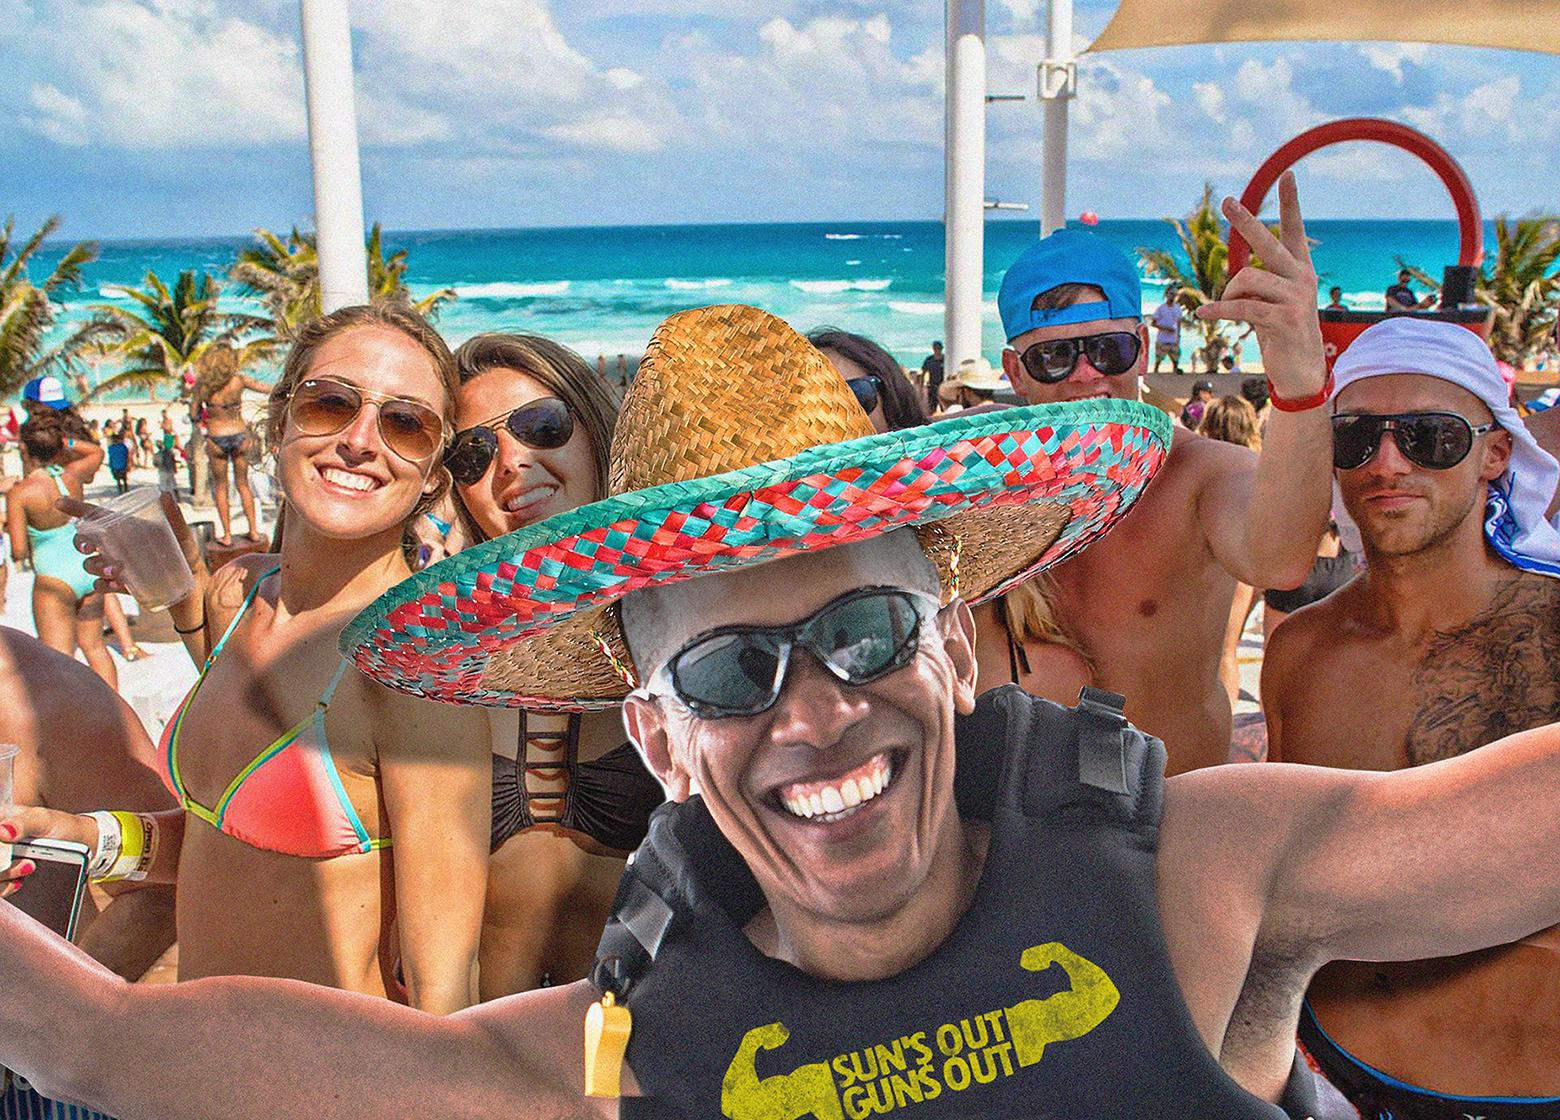 #cancun #springbreak2017 #sb17 #hotskanks